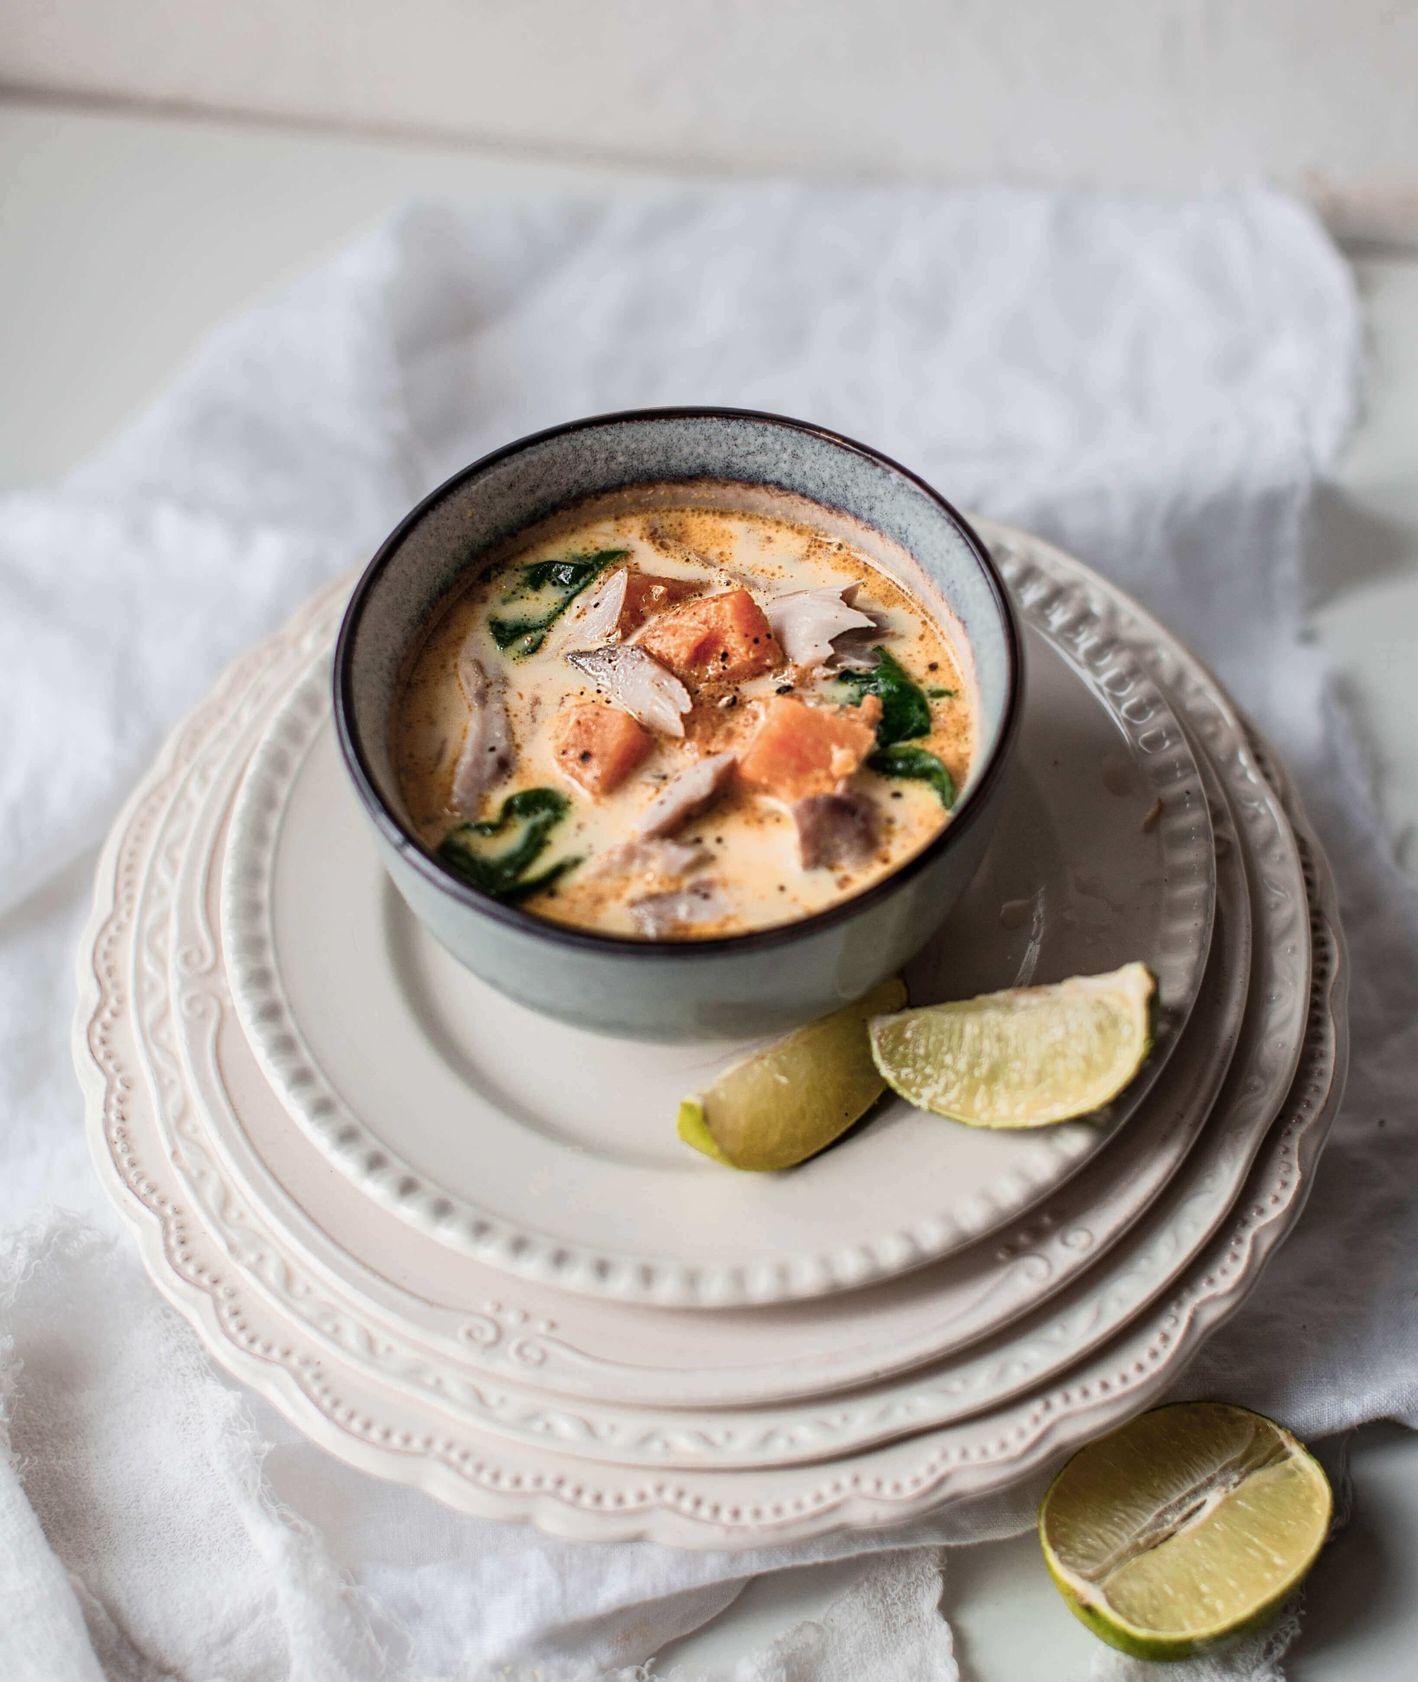 zupa z makrelą i batatem, zupa rybna, zupa z makrelą, wegańska zupa curry, zupa, rozgrzewająca zupa